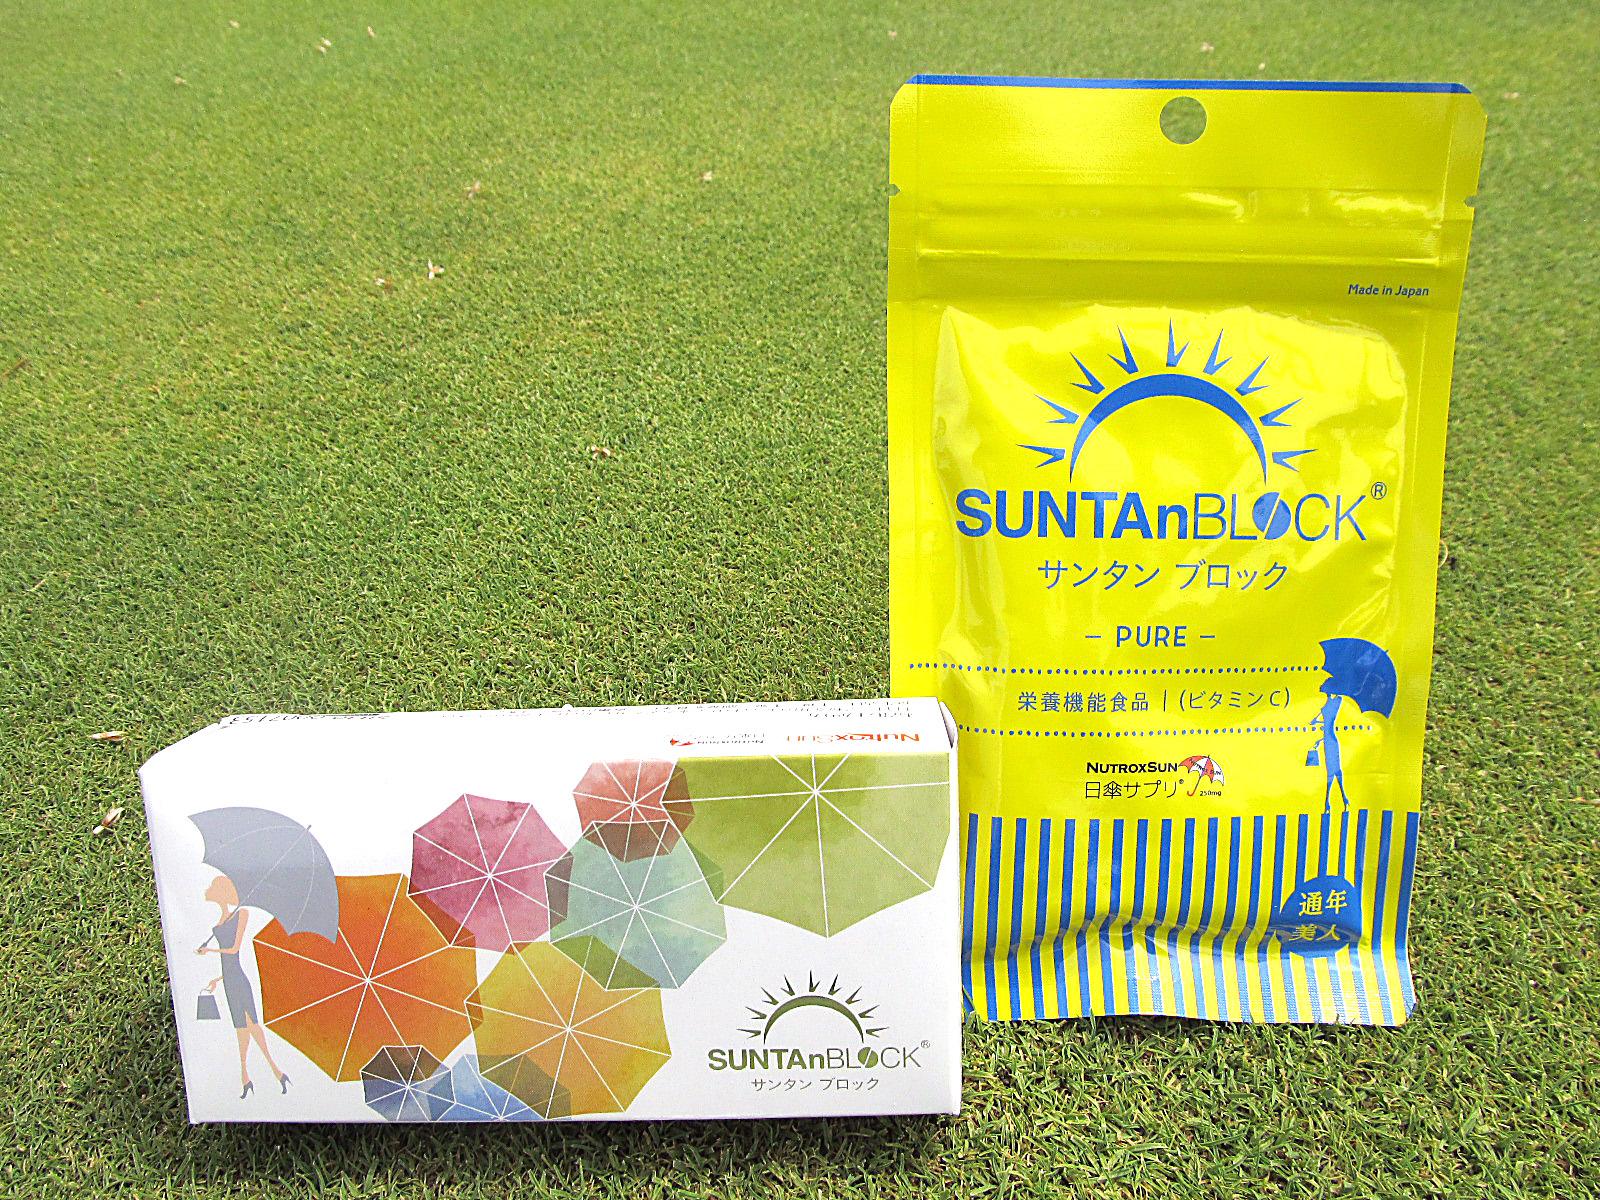 日焼けによるダメージをケアしてくれるサプリメント「サンタンブロックPURE」(右)、女性には美肌効果をプラスした「サンタンブロック」がお勧め